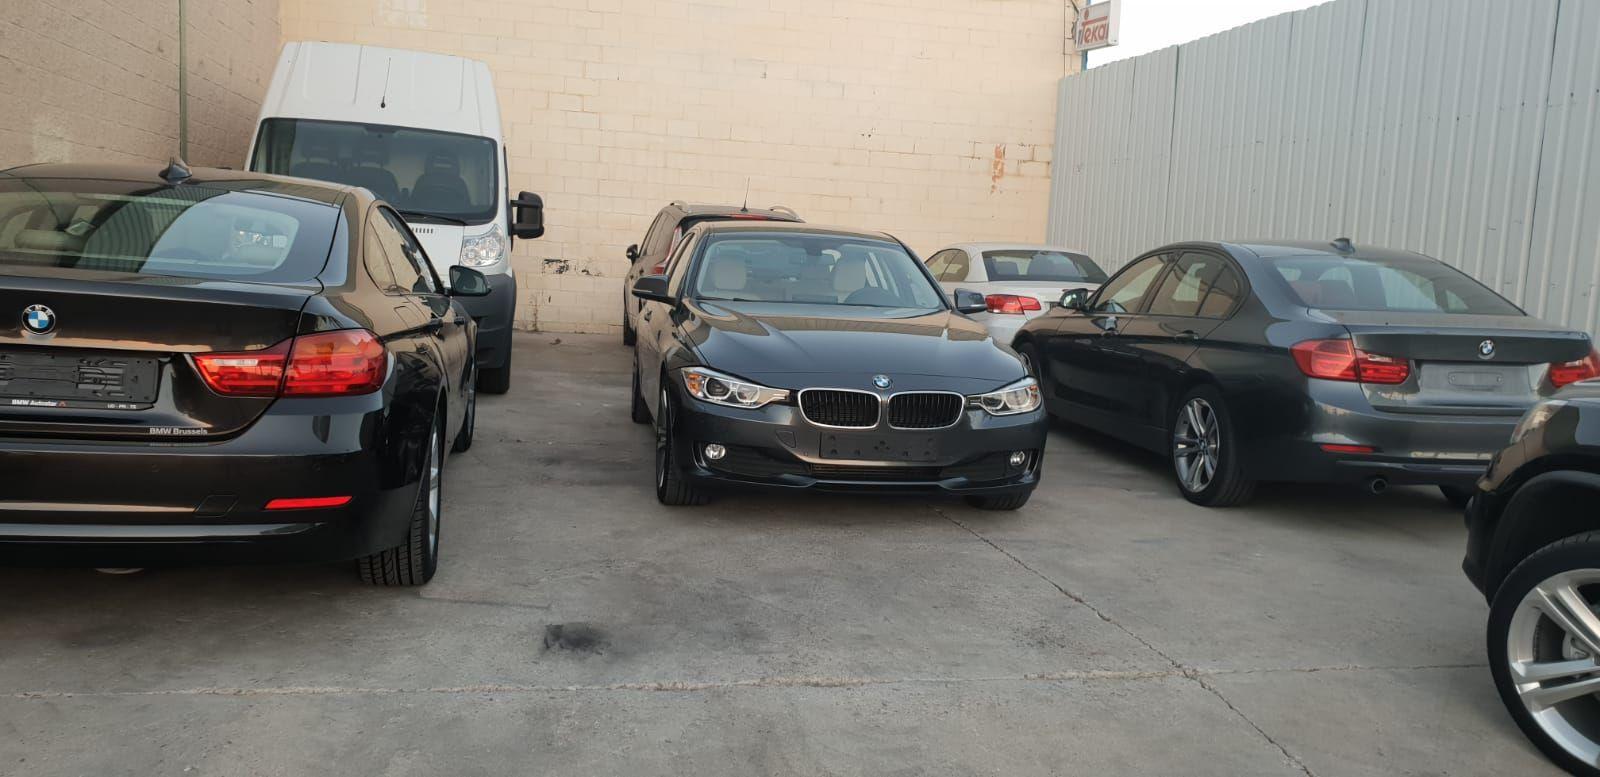 Tasación de vehículos en Mejorada del Campo